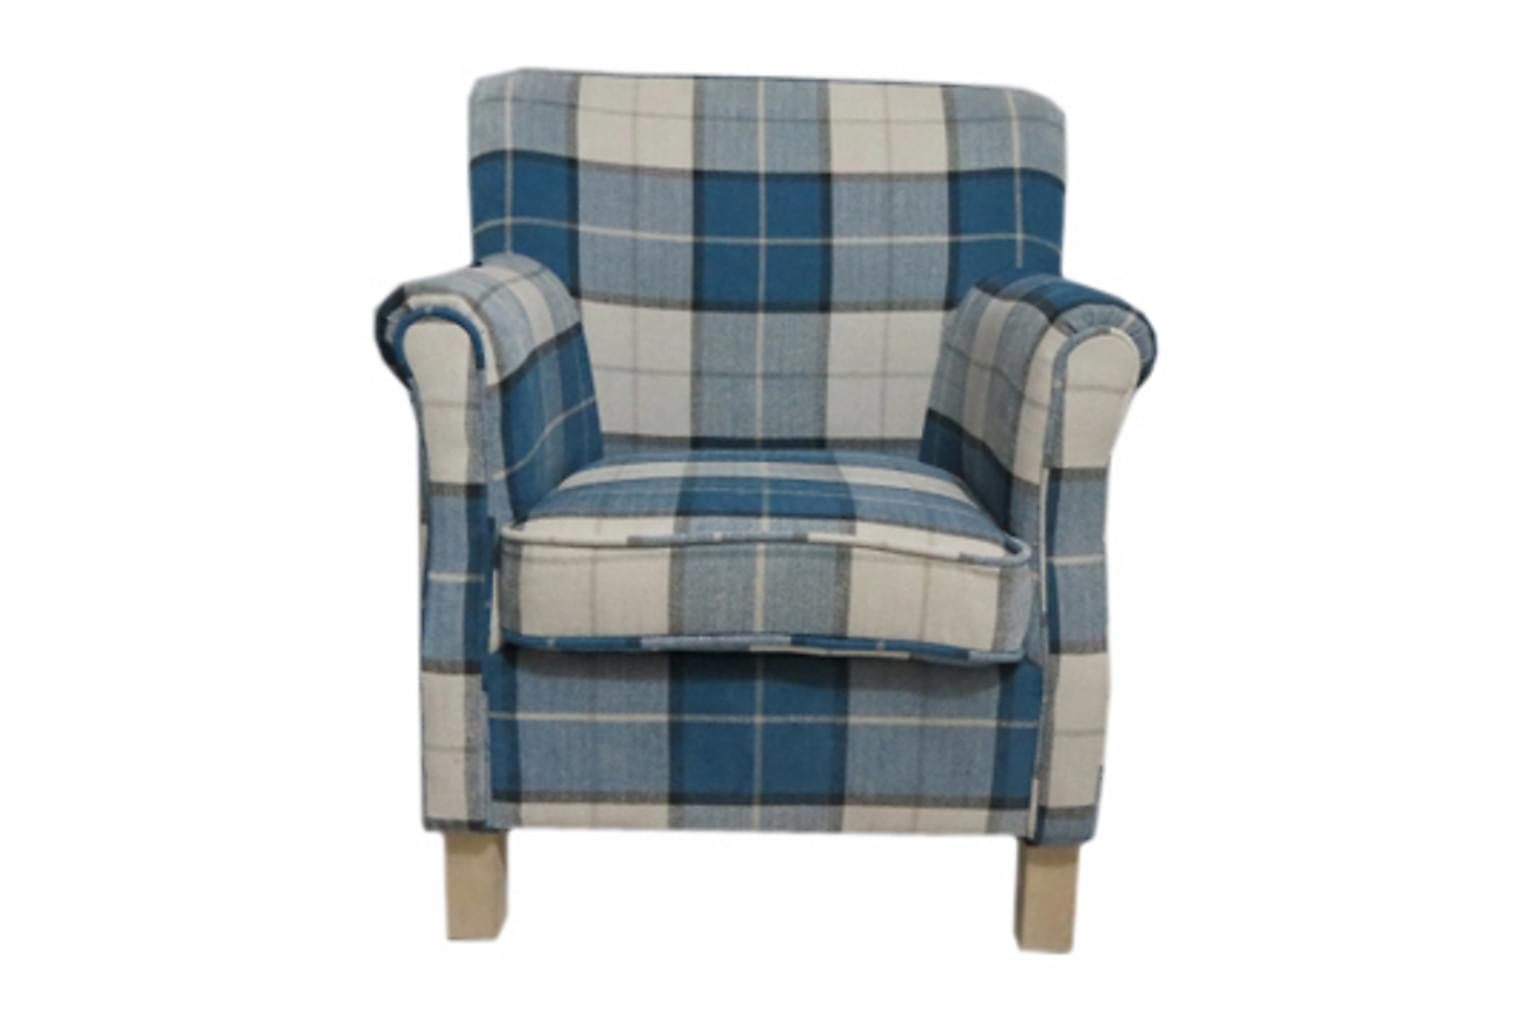 BRYDON Nojatuoli Sininen/Valkoinen Ruudullinen Tekstiili